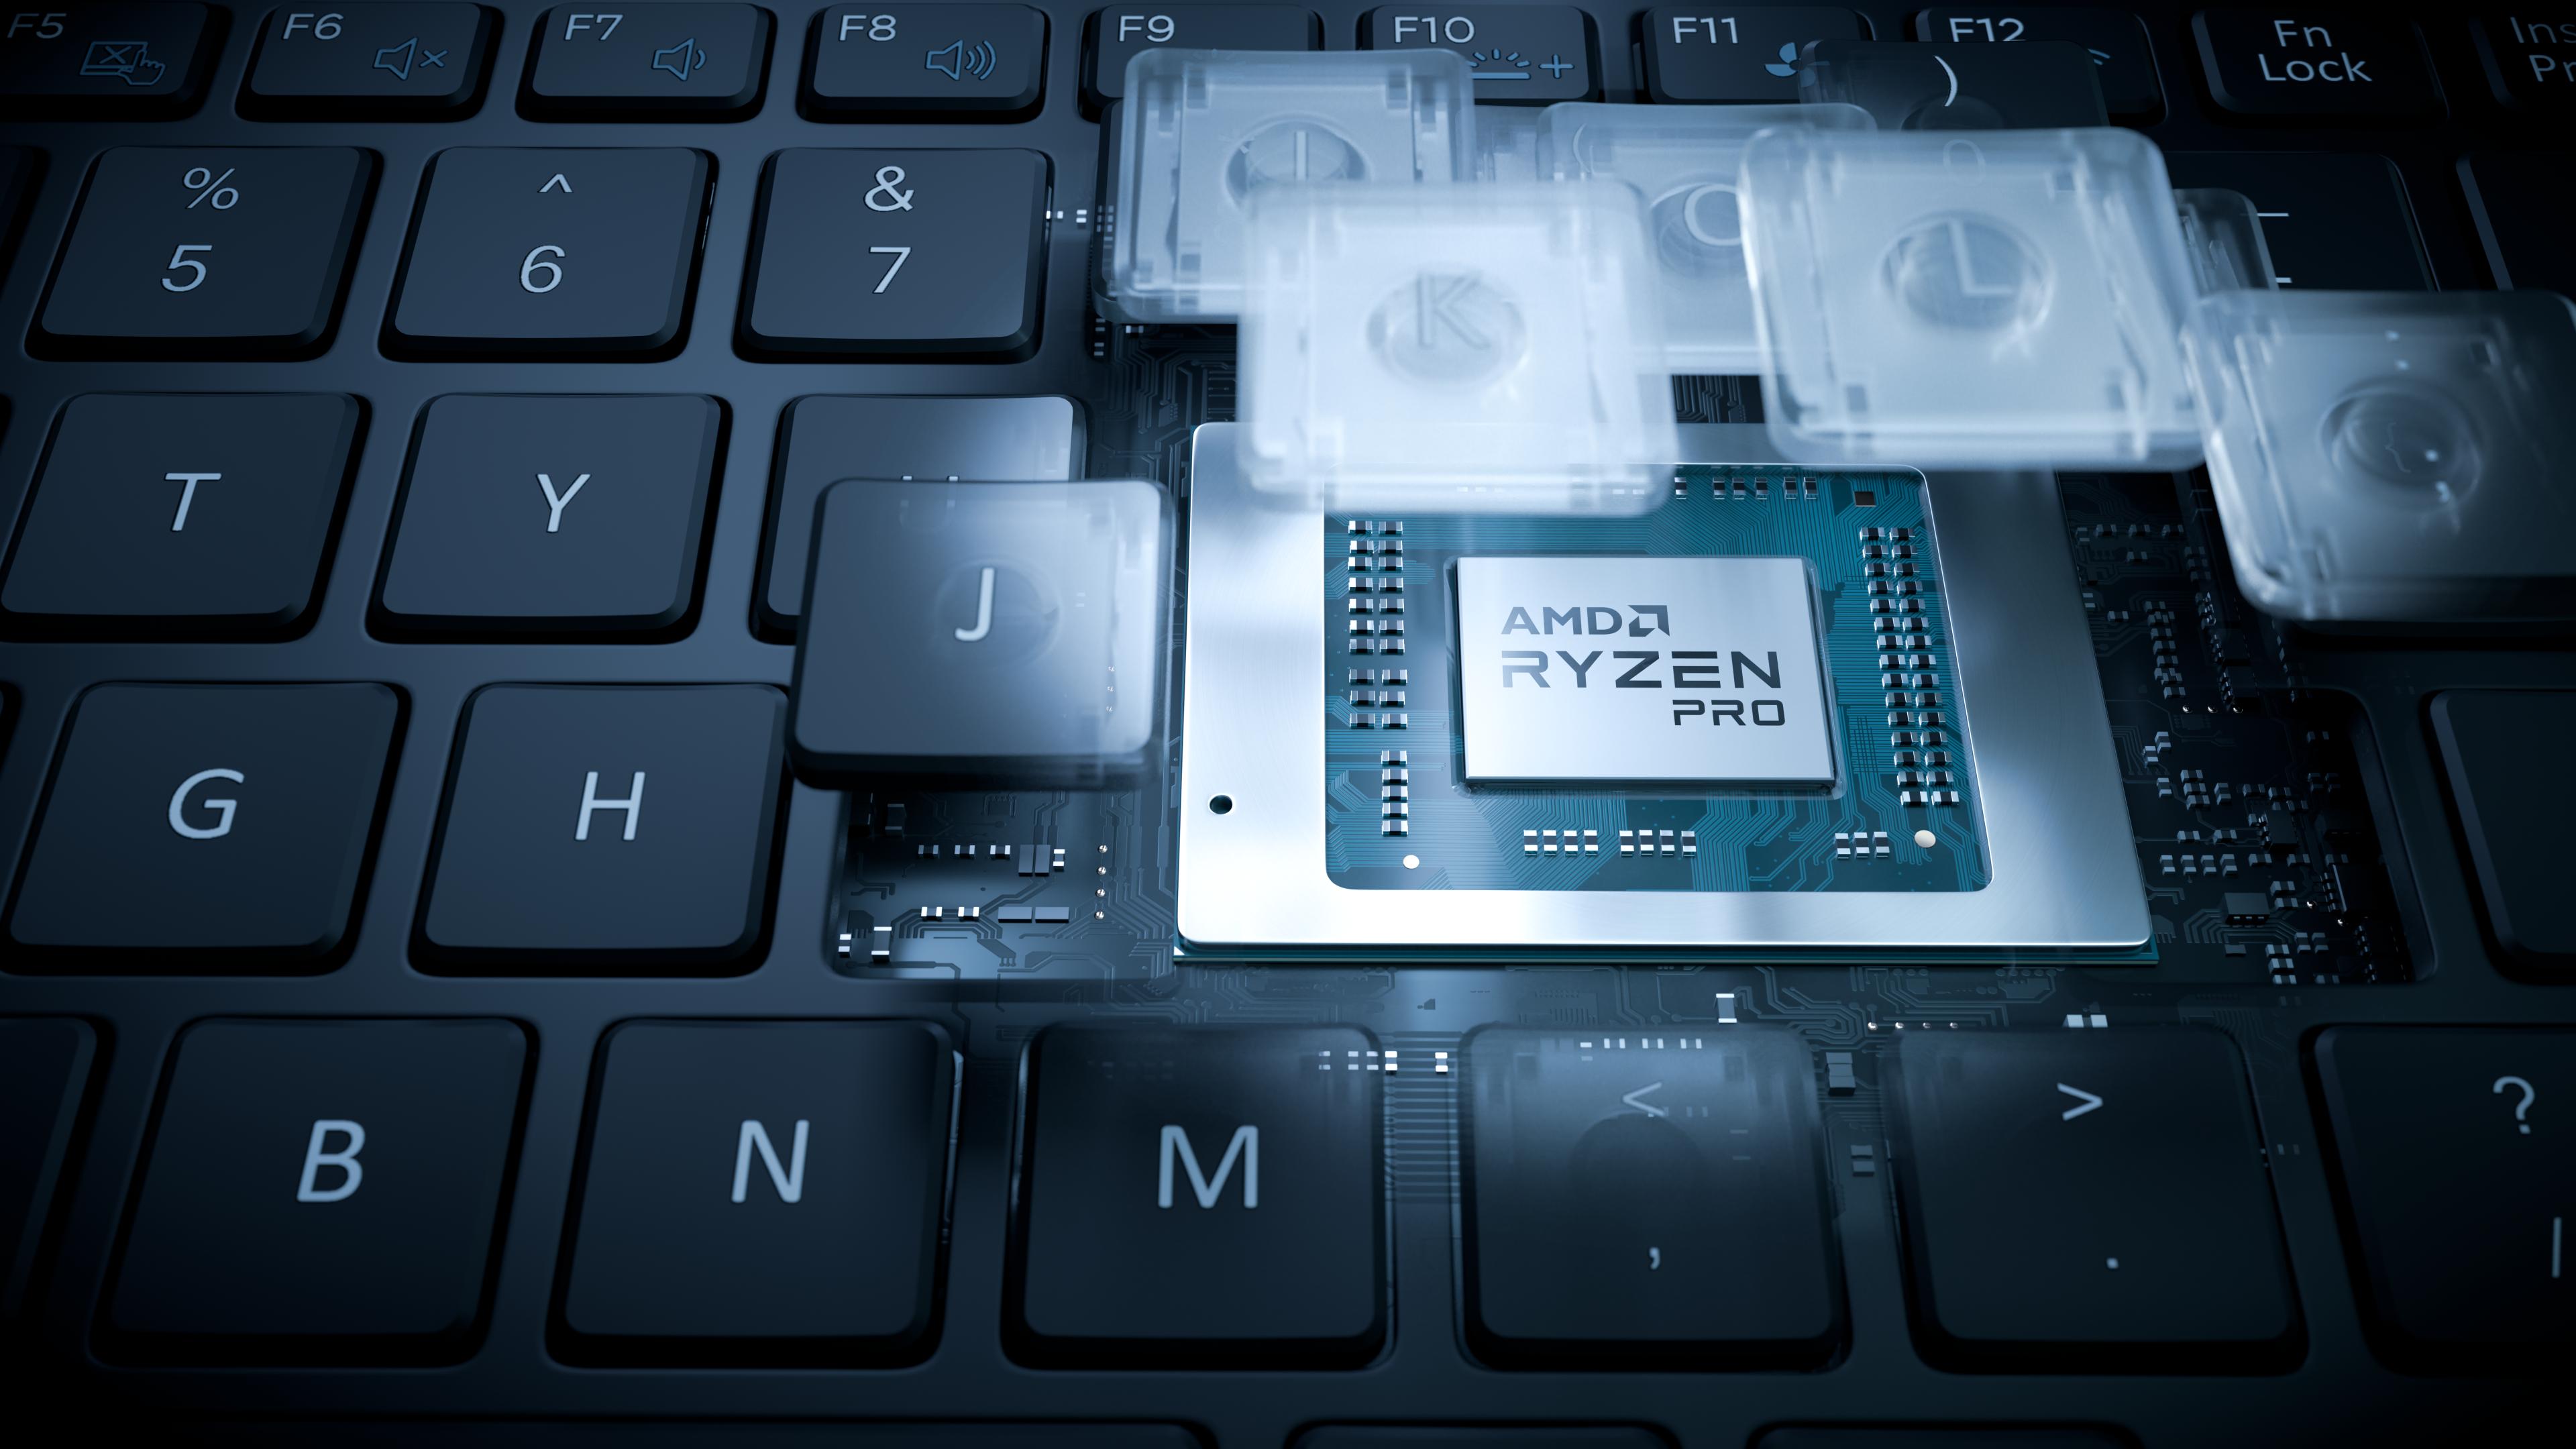 Tuổi thọ pin và khả năng bảo mật là 2 điểm đáng lưu ý của dòng chip này